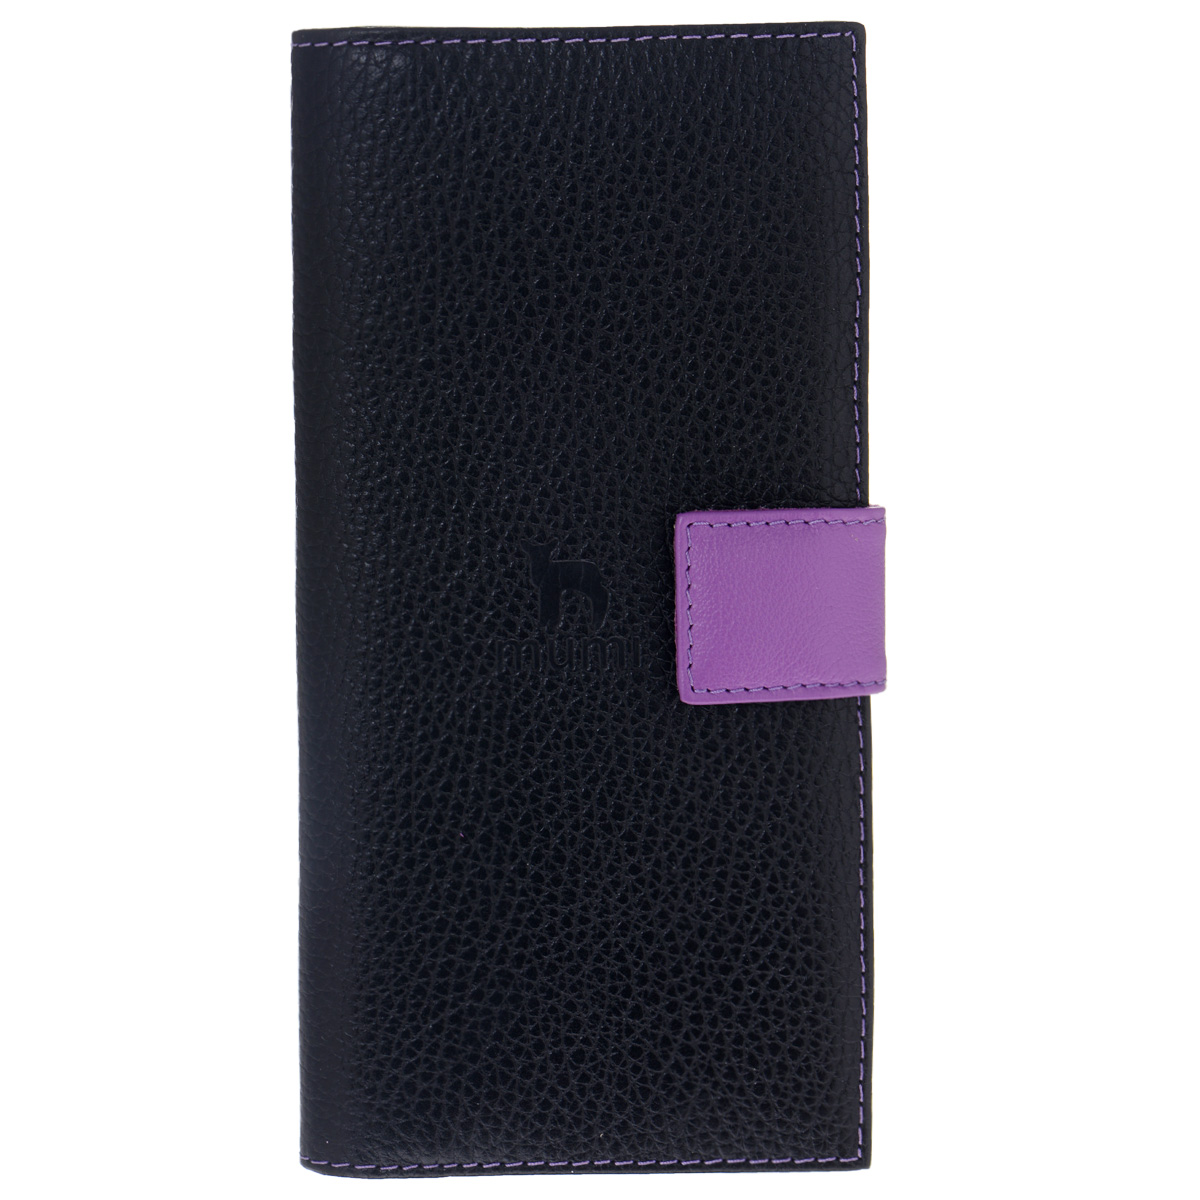 Портмоне Dimanche Mumi, цвет: черный, фиолетовый. 053AQYHA03387-KRP0Модное портмоне Dimanche Mumi изготовлено из высококачественной натуральной кожи и декорировано фактурным тиснением. Изделие закрывается хлястиком на кнопку. Внутри - два отделения для купюр, отсек для мелочи на застежке-молнии, три горизонтальных кармана для бумаг и чеков, одиннадцать прорезей для визиток и кредитных карт и две прорези для SIM-карт.Портмоне упаковано в стильный пластиковый чехол.Изысканное портмоне займет достойное место среди вашей коллекции аксессуаров.